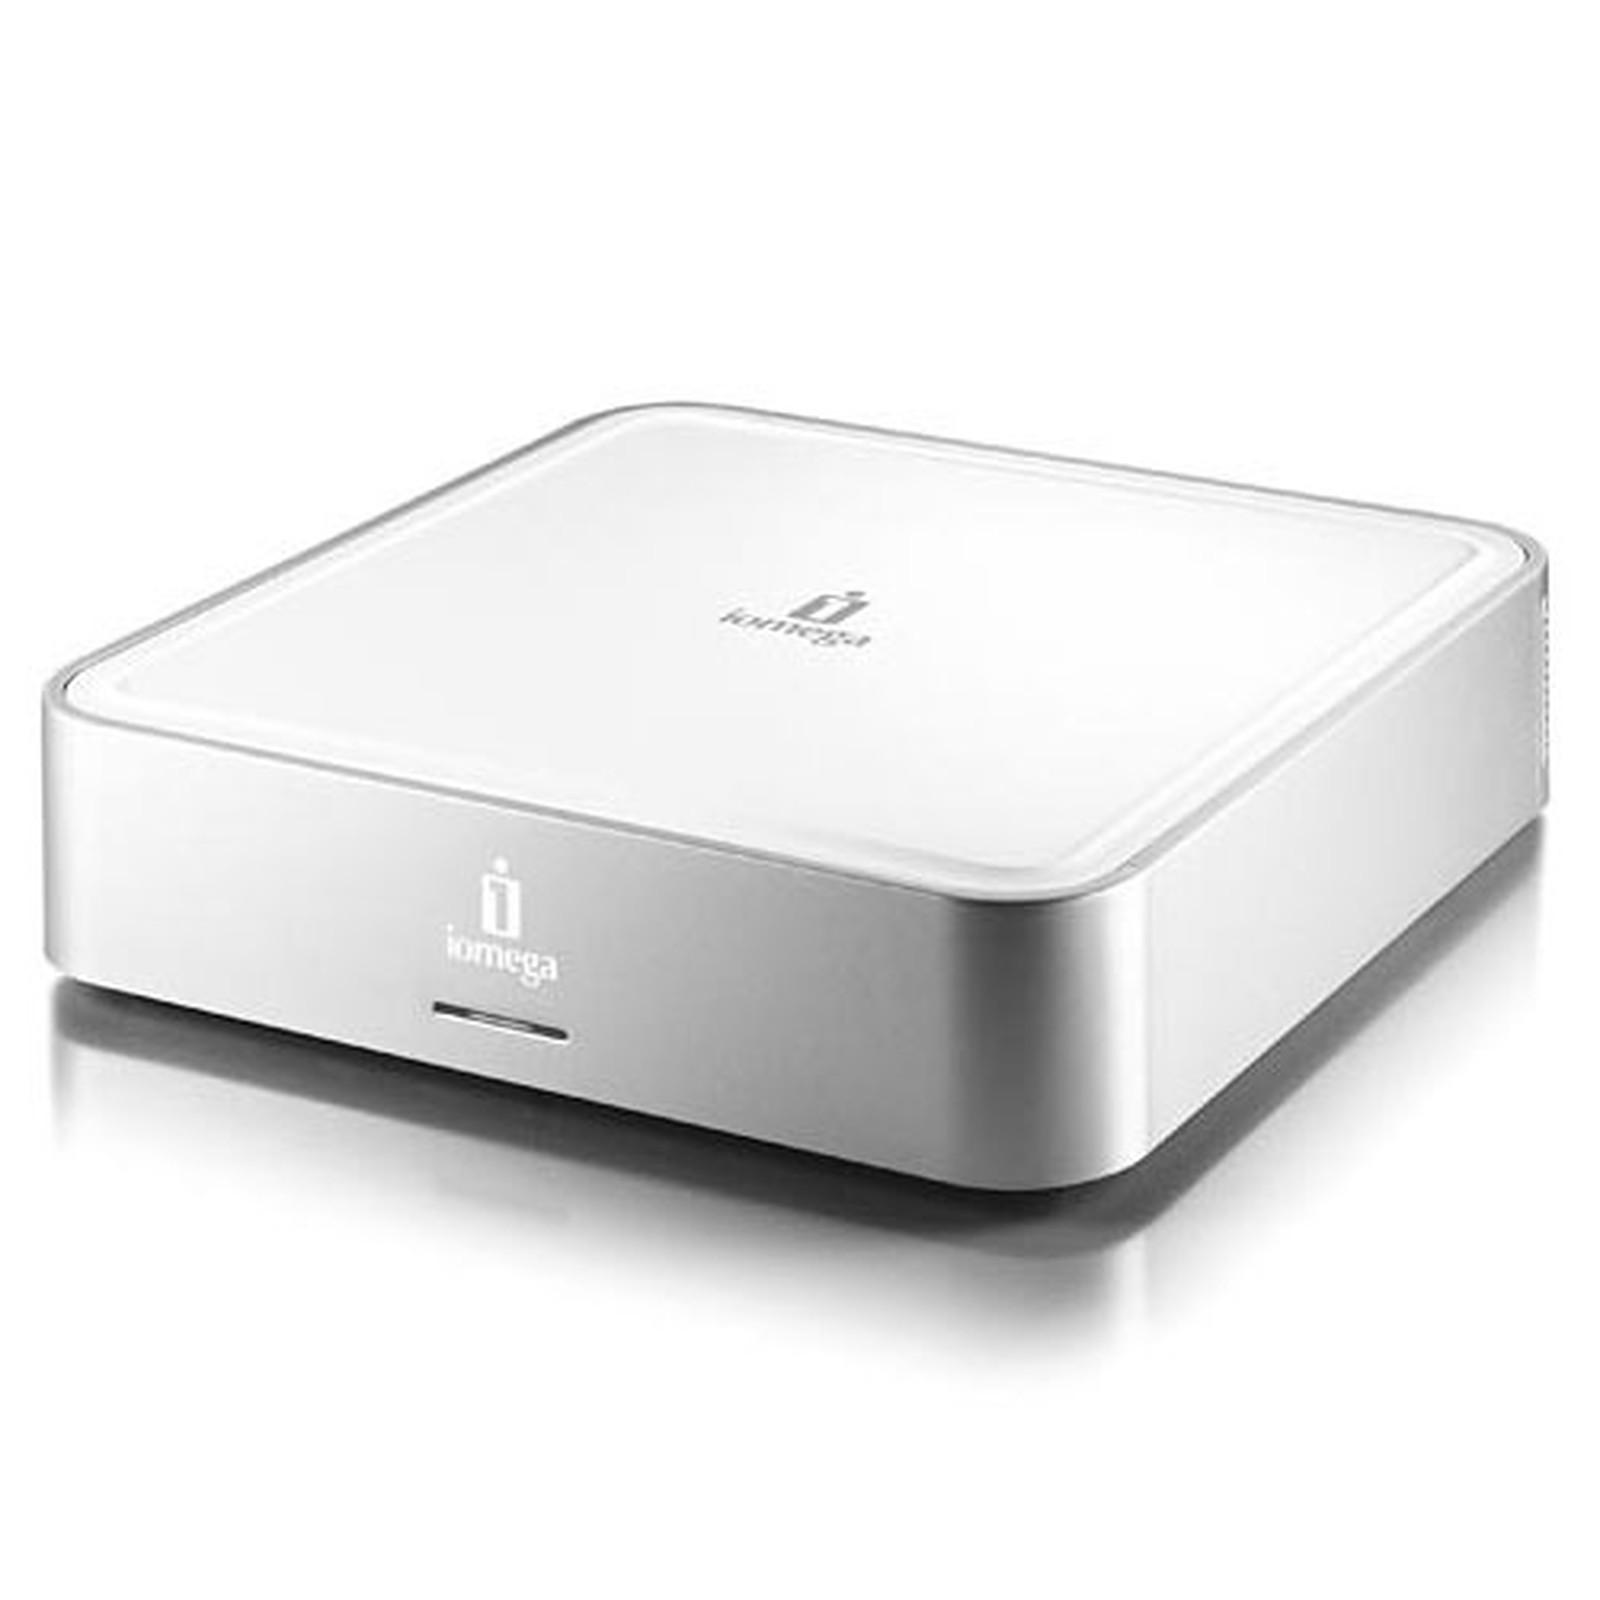 Iomega MiniMax Desktop Hard Drive 1 To (USB 2.0/FireWire 800)